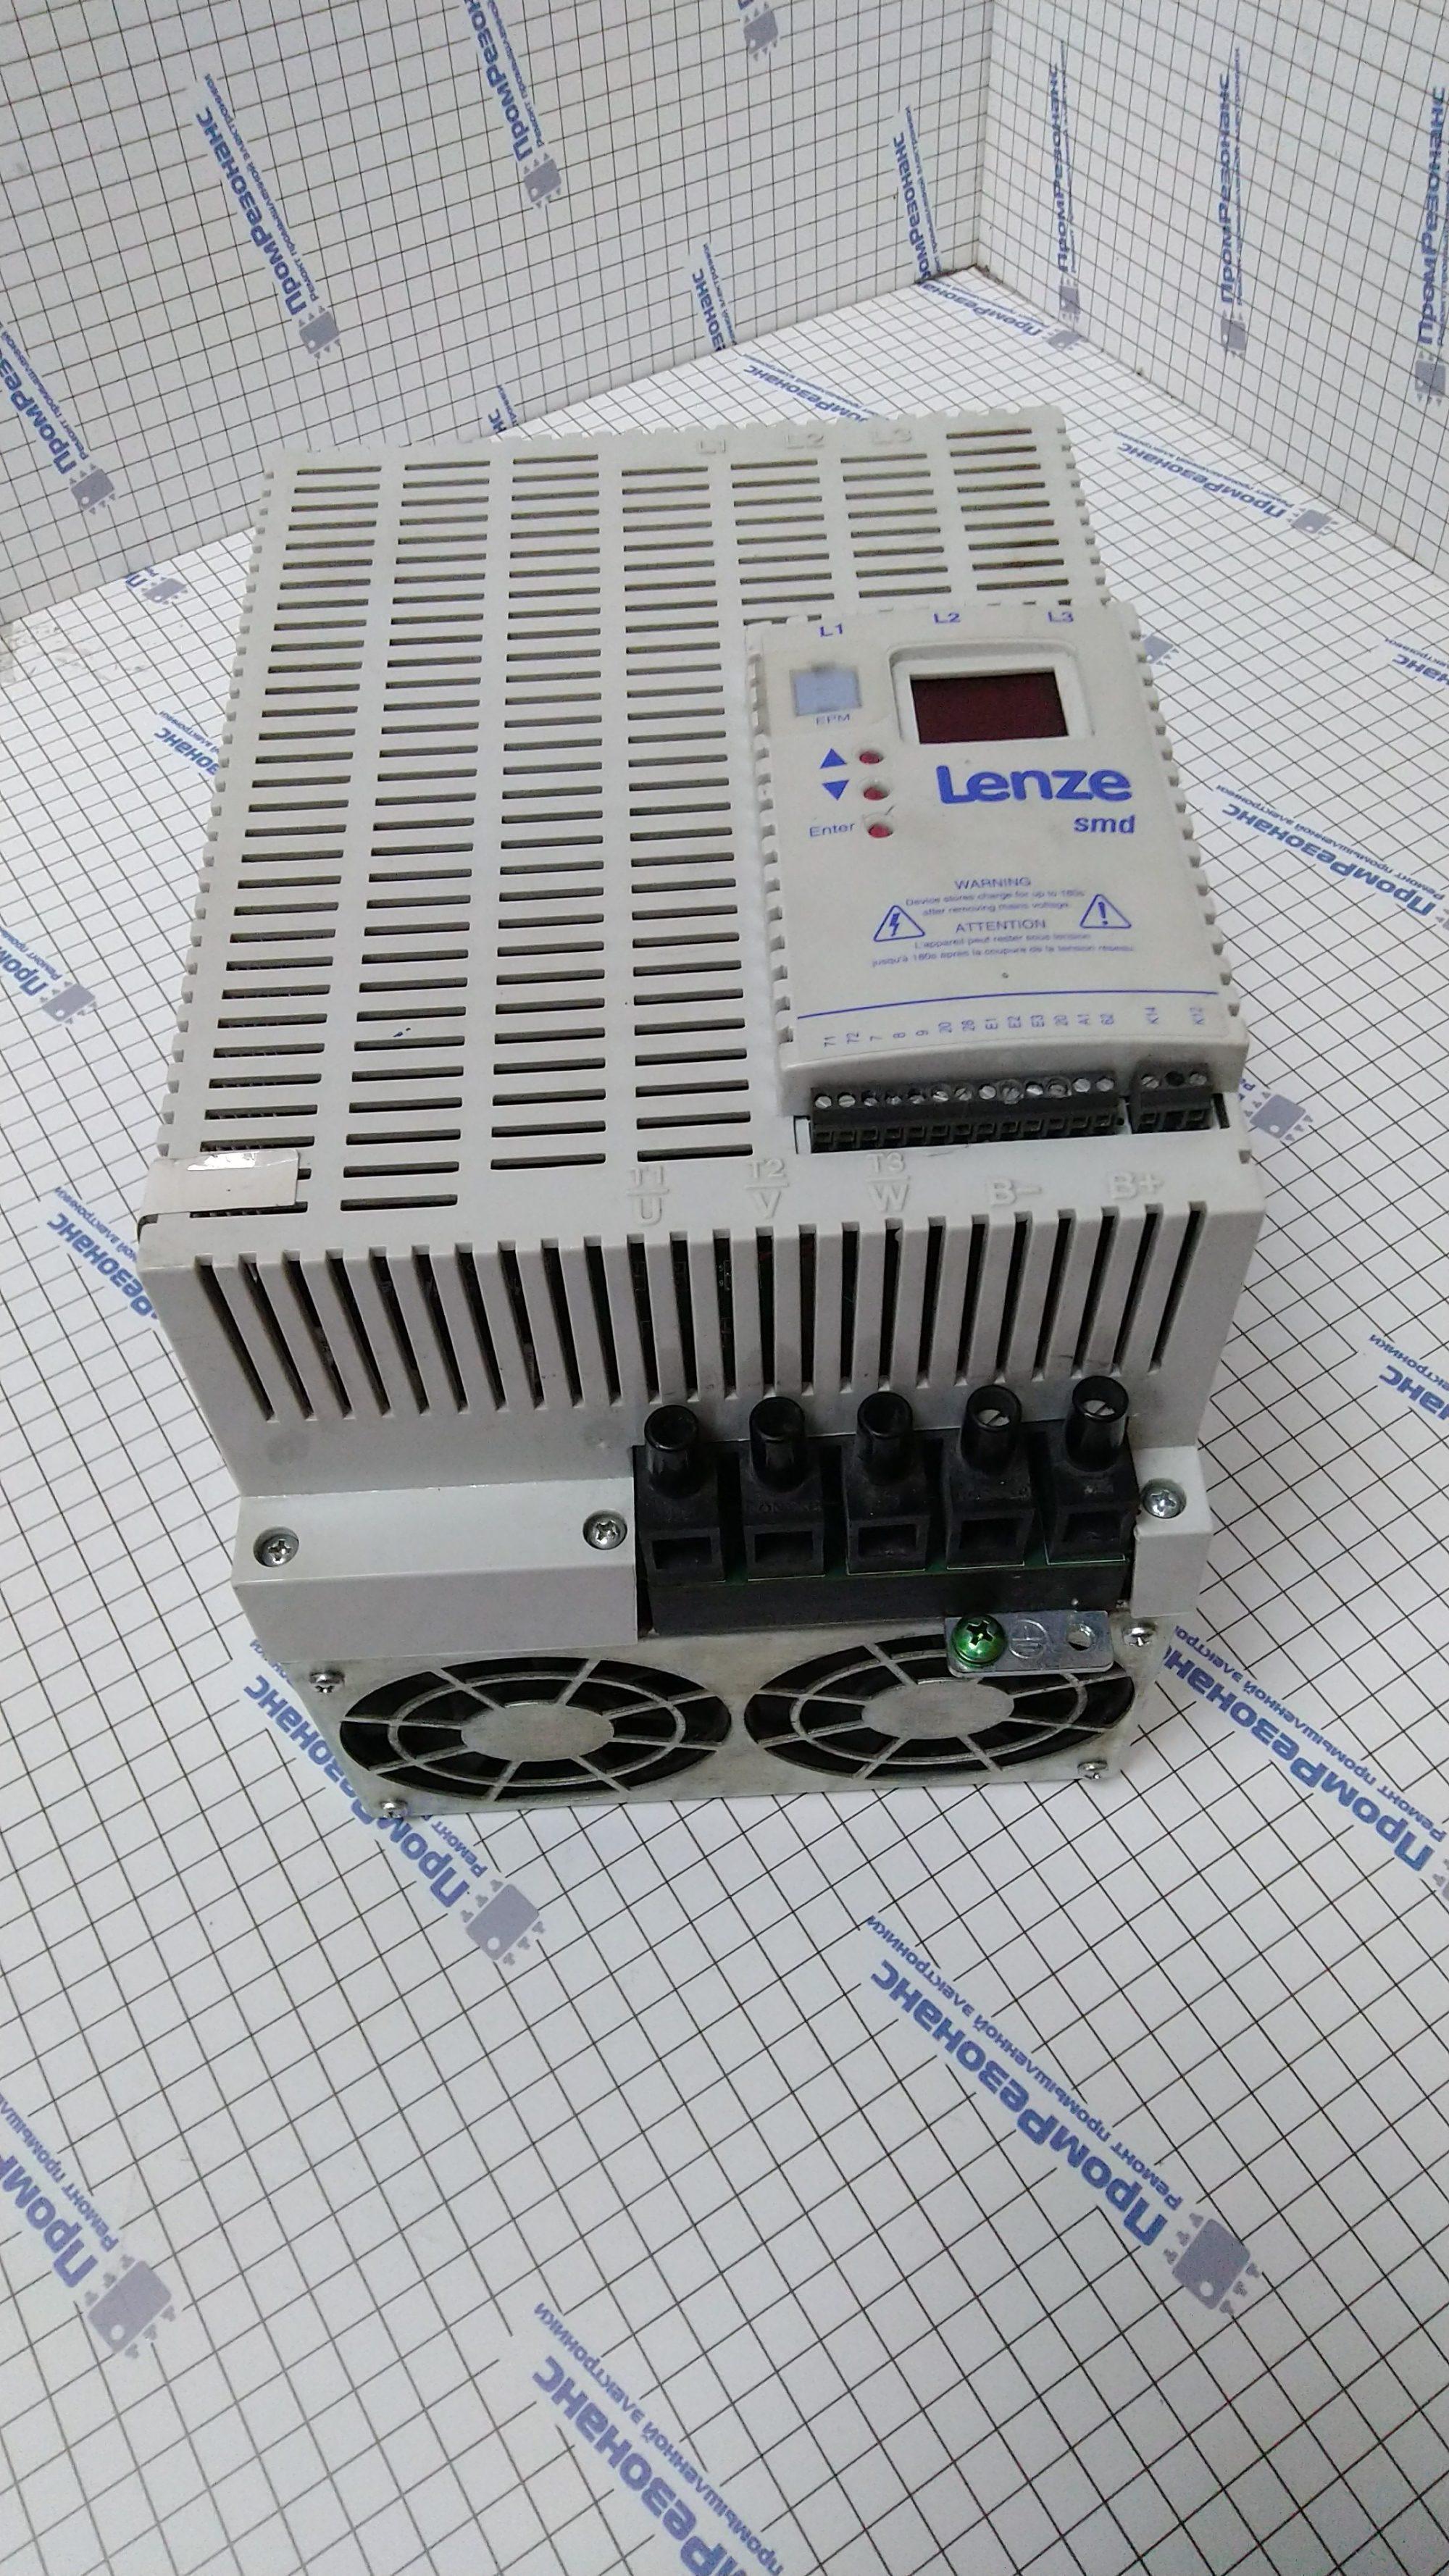 Частотный преобразователь Lenze smd ESMD223L4TXA513